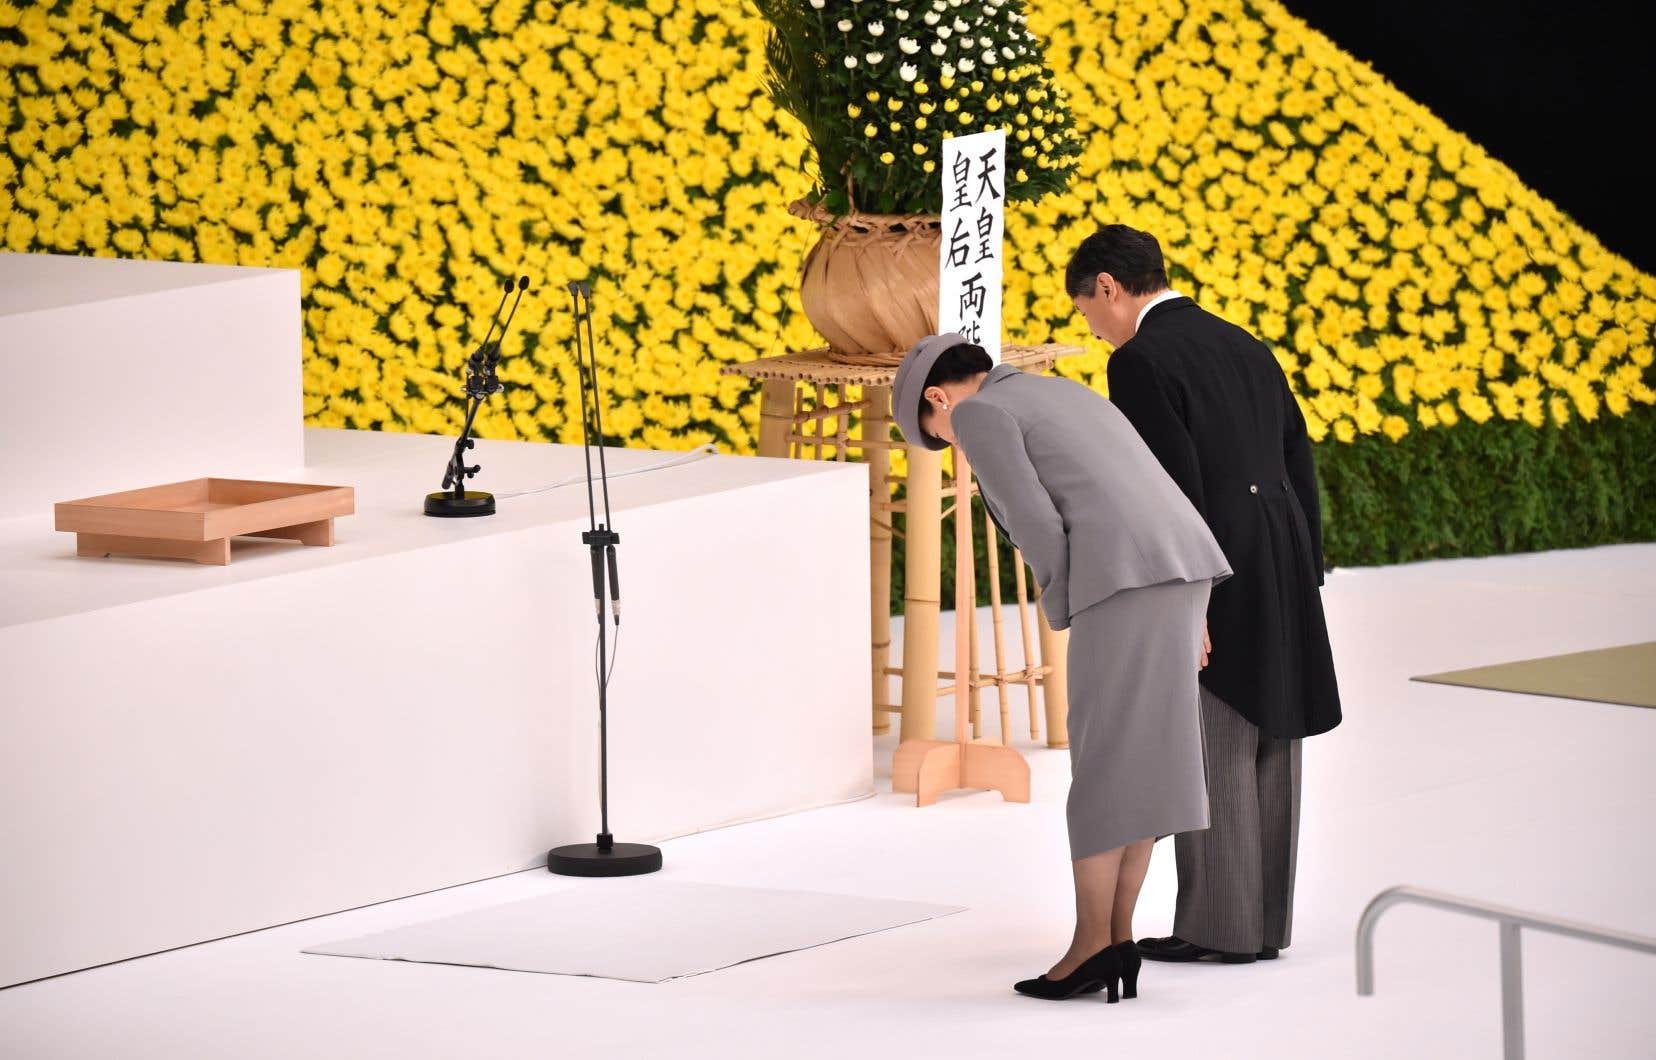 L'empereur Naruhito a participé à cette cérémonie annuelle, la première de l'ère Reiwa («belle harmonie»), avec son épouse, l'impératrice Masako.